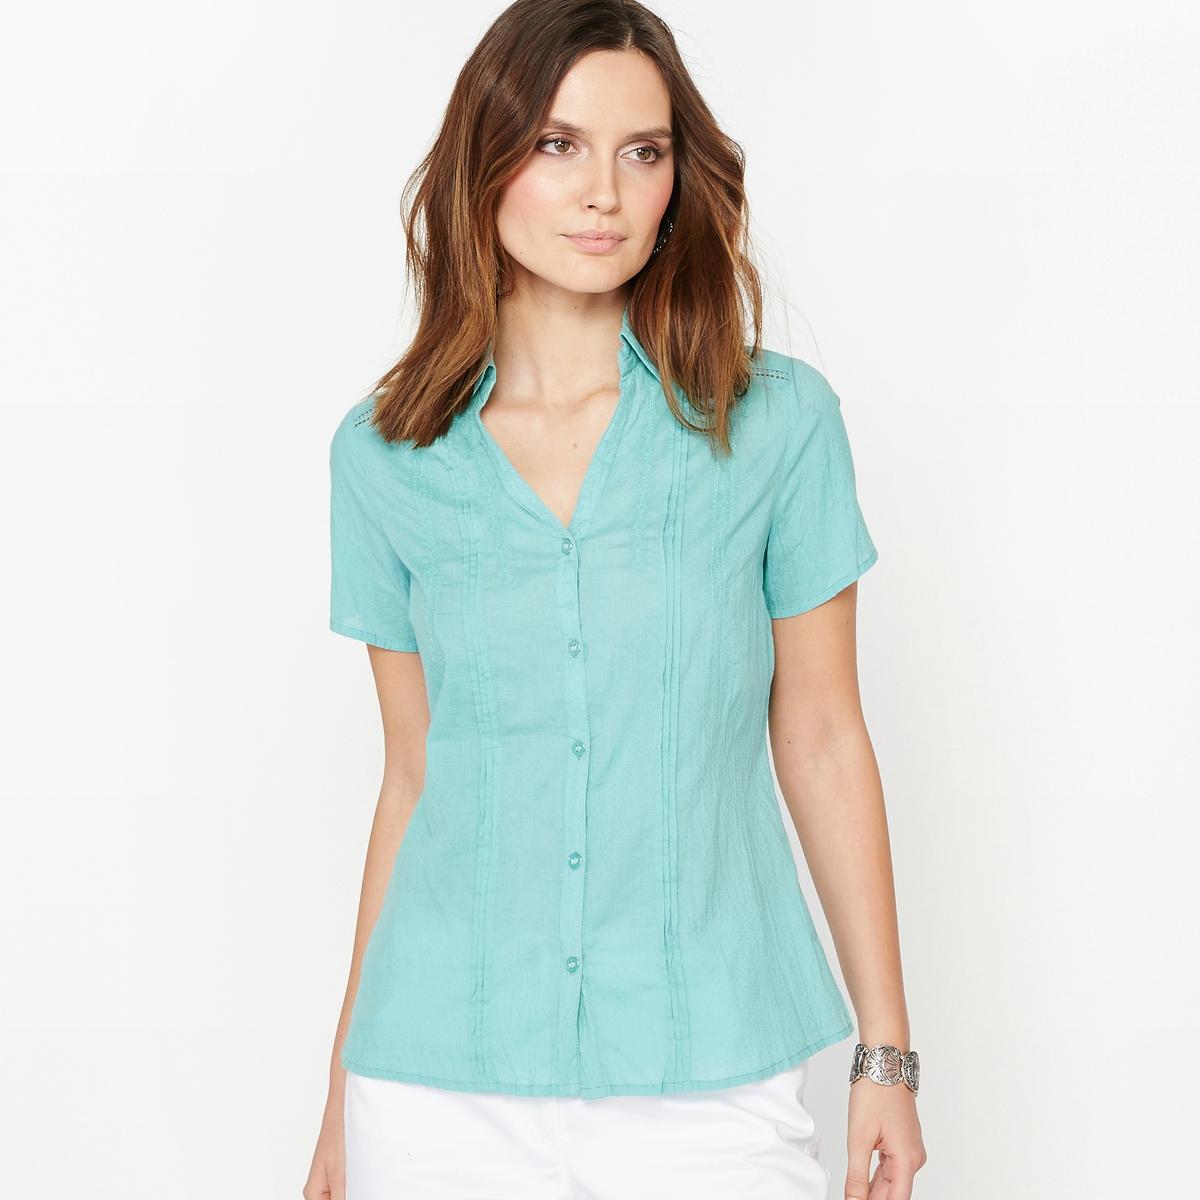 Купить со скидкой Блузка с горизонтальными складками и фантазийной вышивкой, 100% хлопка